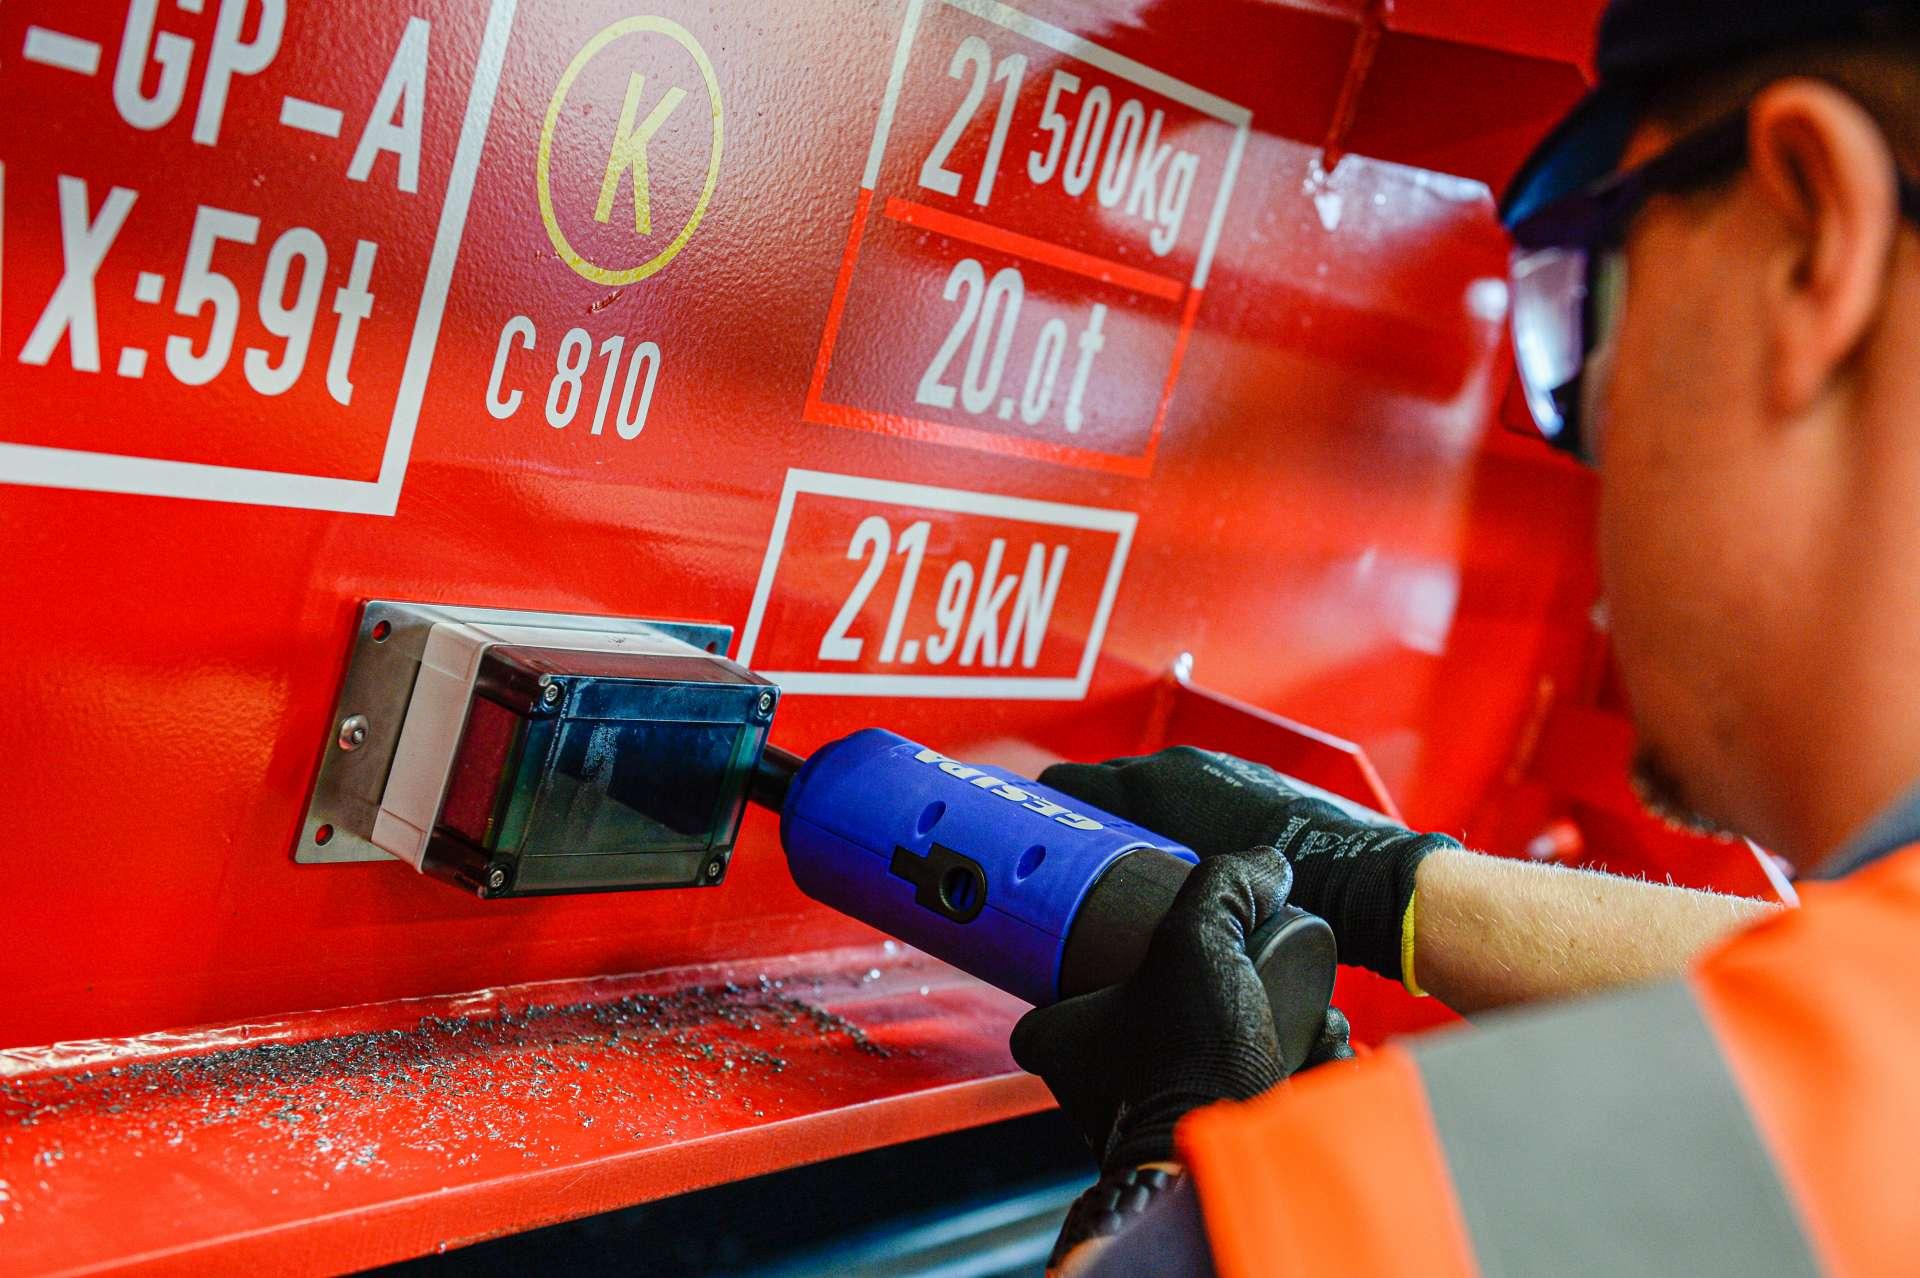 <p>Die Ausrüstung mit GPS und Sensorik verschafft den Kunden von DB  Cargo viele Vorteile. Mithilfe eines Telematikmoduls, GPS sowie  RFID- und NFC-Tags werden die analogen Güterwagen in die voll  vernetze digitale Welt überführt. Über Mobilfunk sendet der  ausgerüstete Wagen Signale während der Fahrt und bei Ereignissen  wie Start, Stopp oder Stößen. Daraus können verwertbare  Informationen zum Beladungszustand, Temperatur, Luftfeuchtigkeit  oder Bewegung bei sensiblen Ladegütern ermittelt werden.</p>  <p>Im Bild: Telematikbox wird am Wagen angebracht</p>